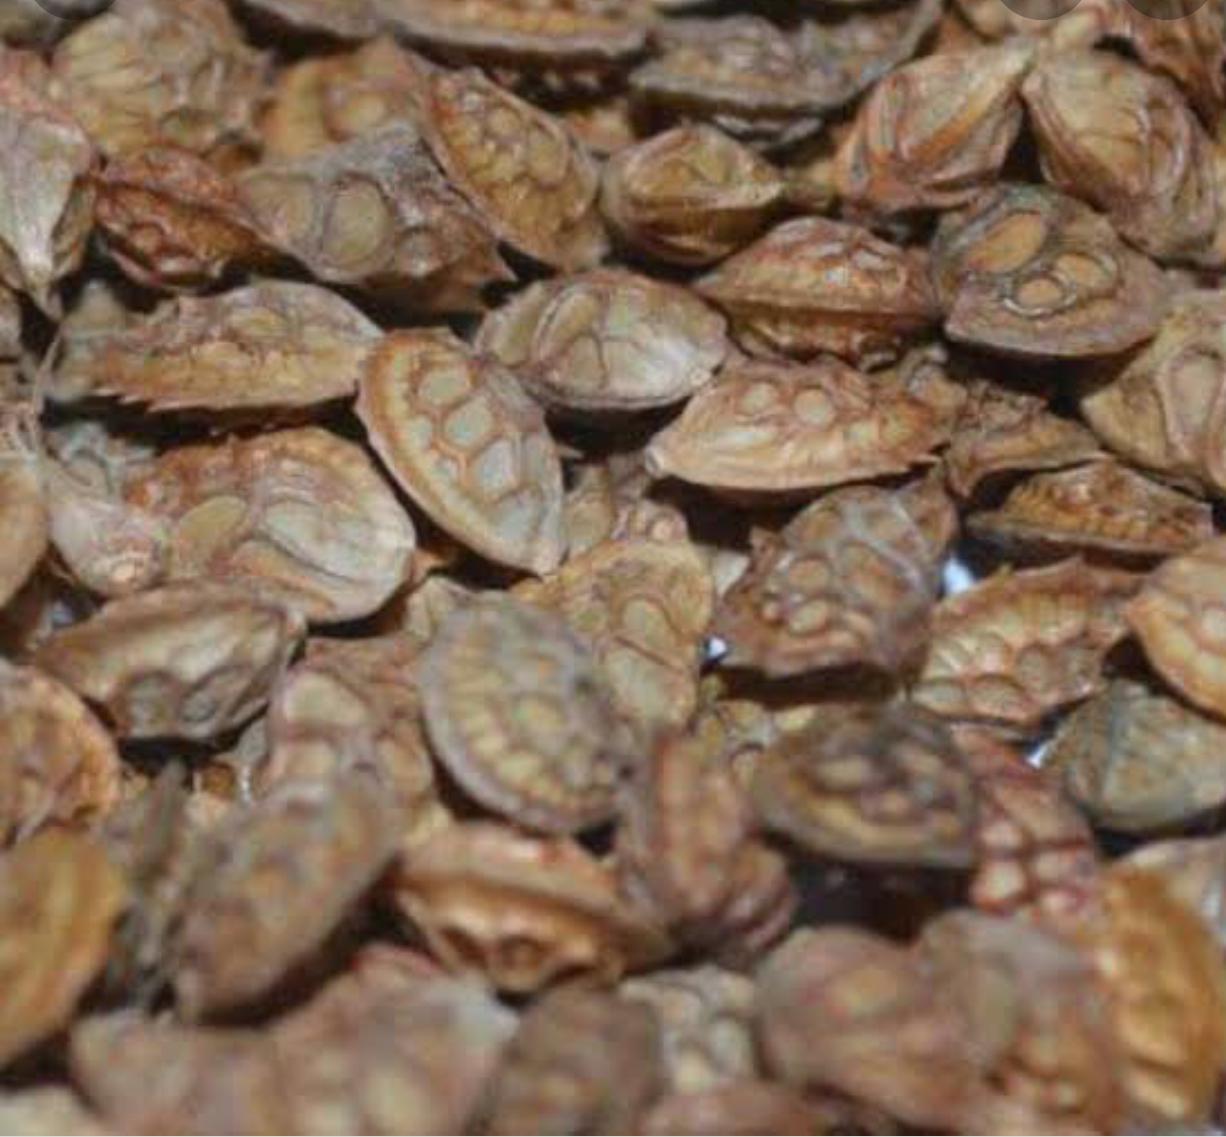 Korunga - Üretici Recep Oltekin 11 tl fiyat ile 40 kilogram korunga  satmak istiyor